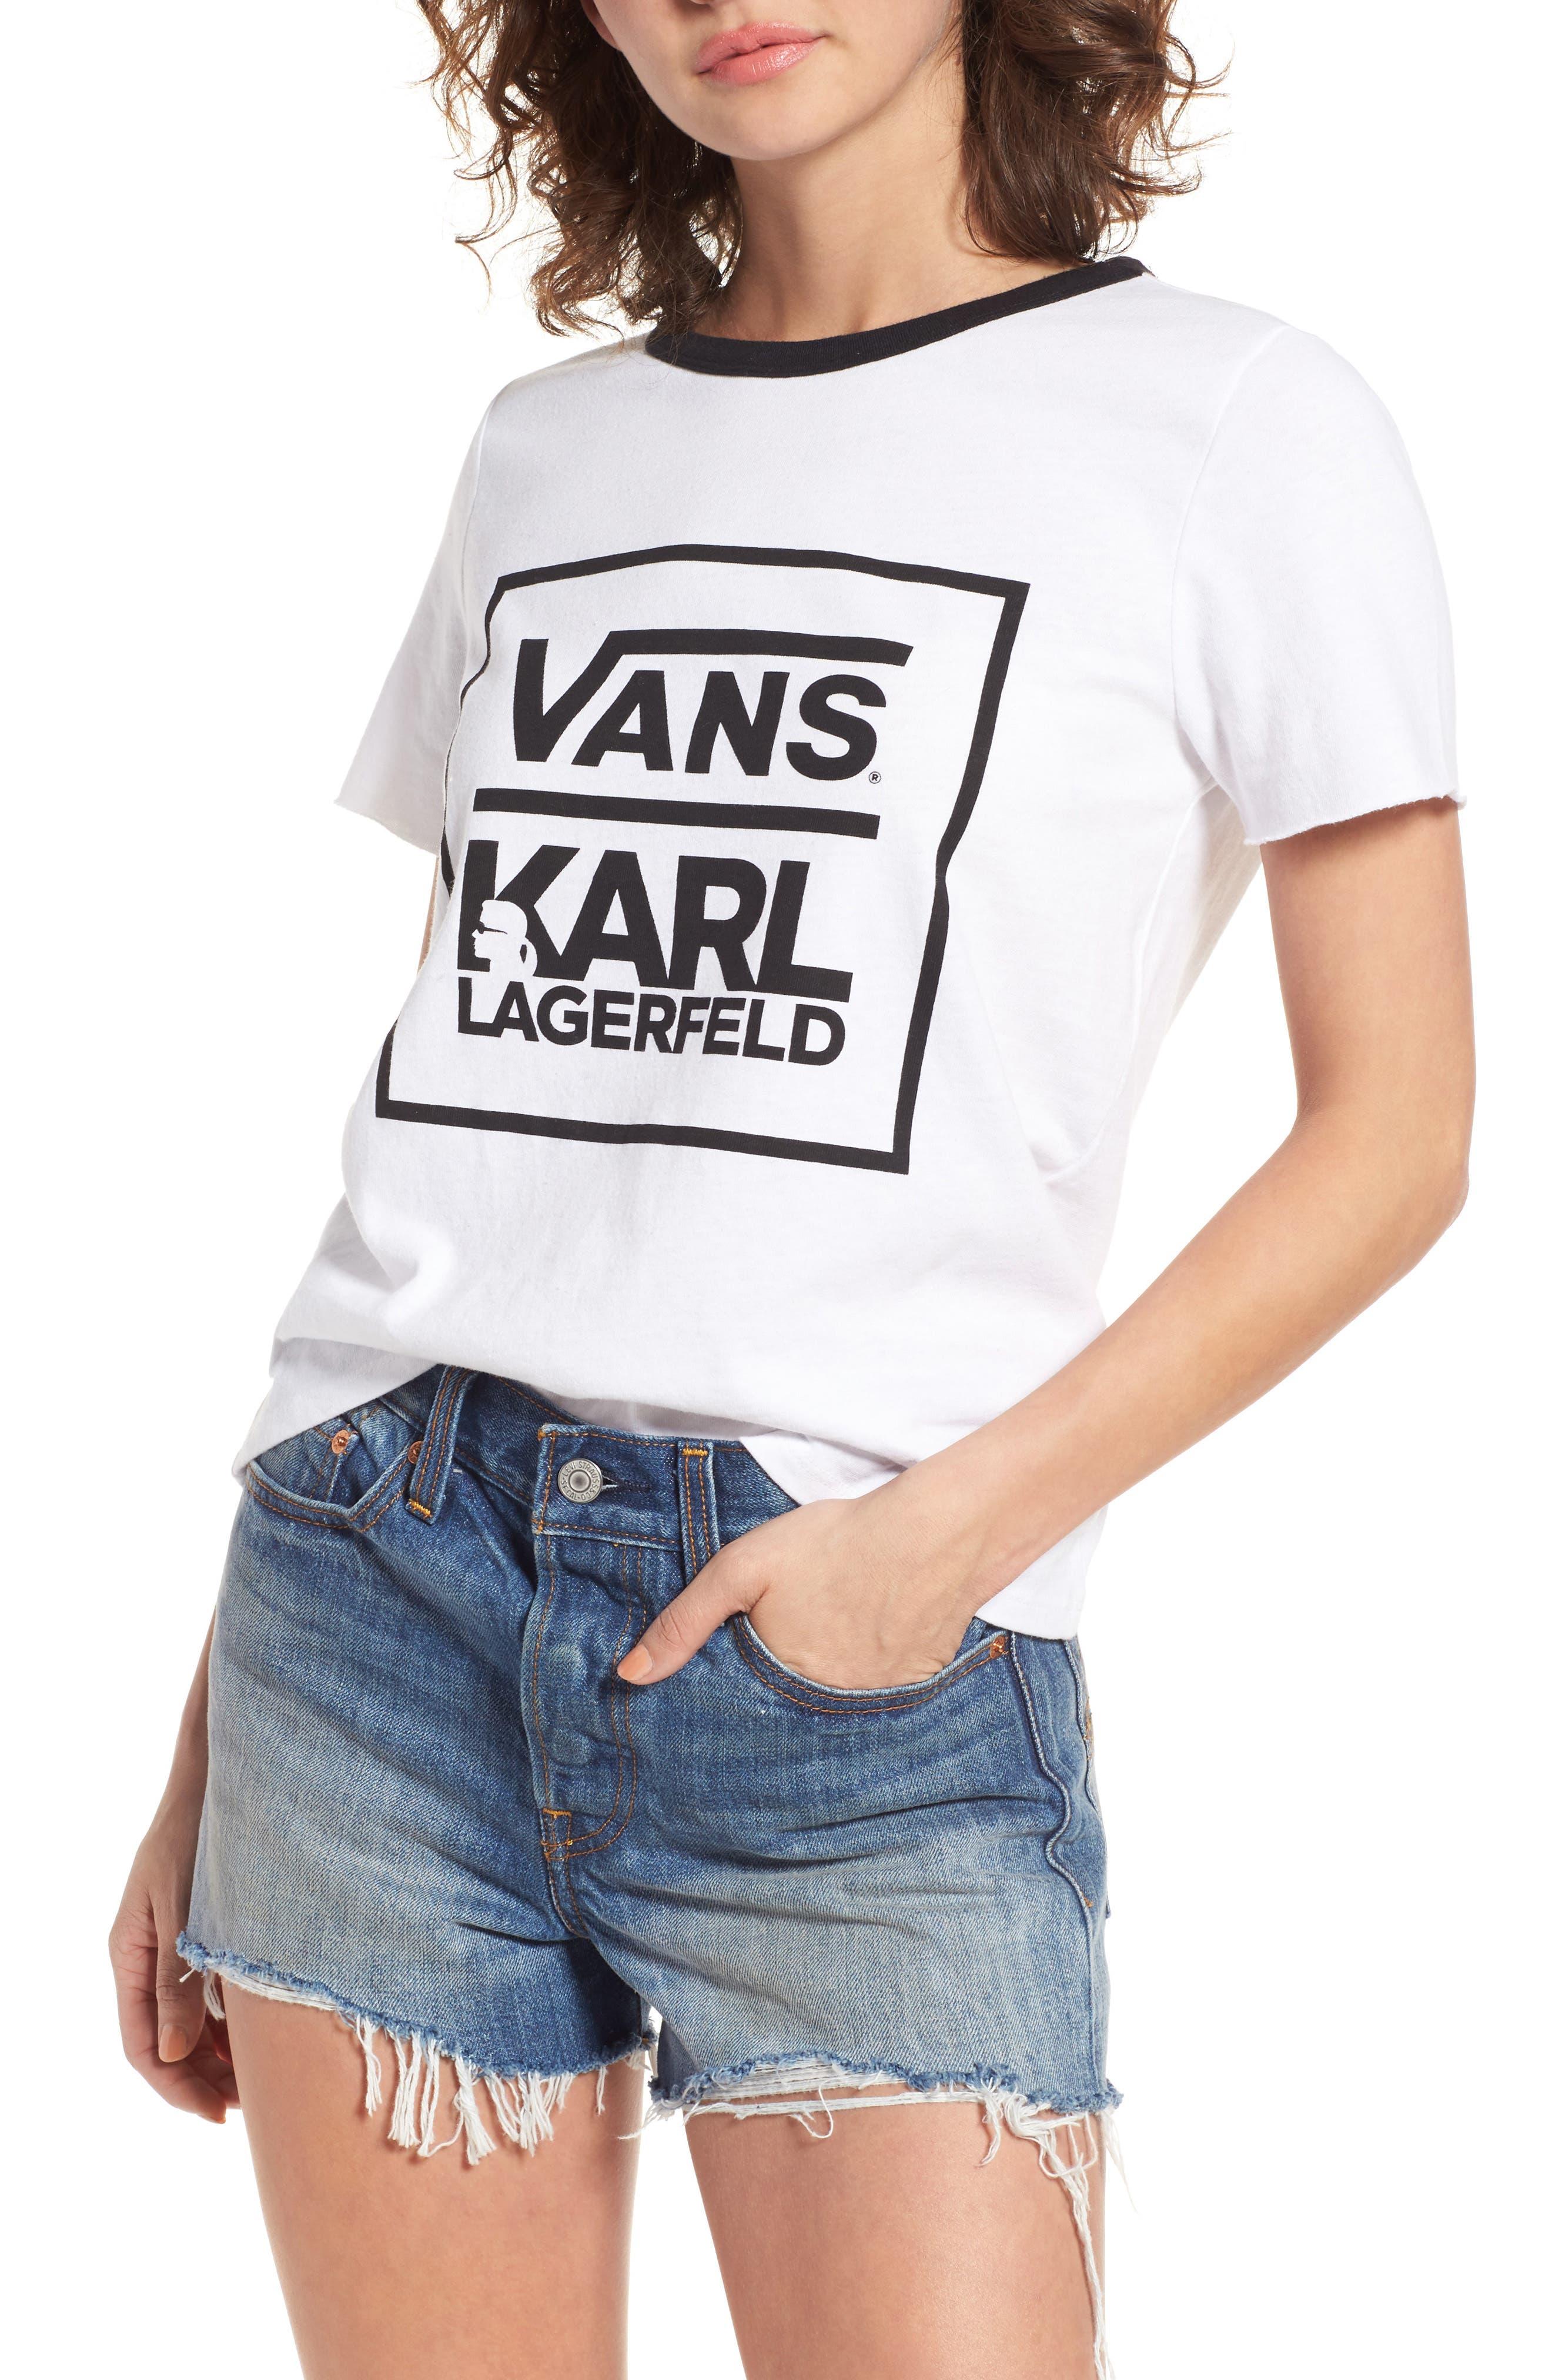 Vans x KARL LAGERFELD Ringer Tee